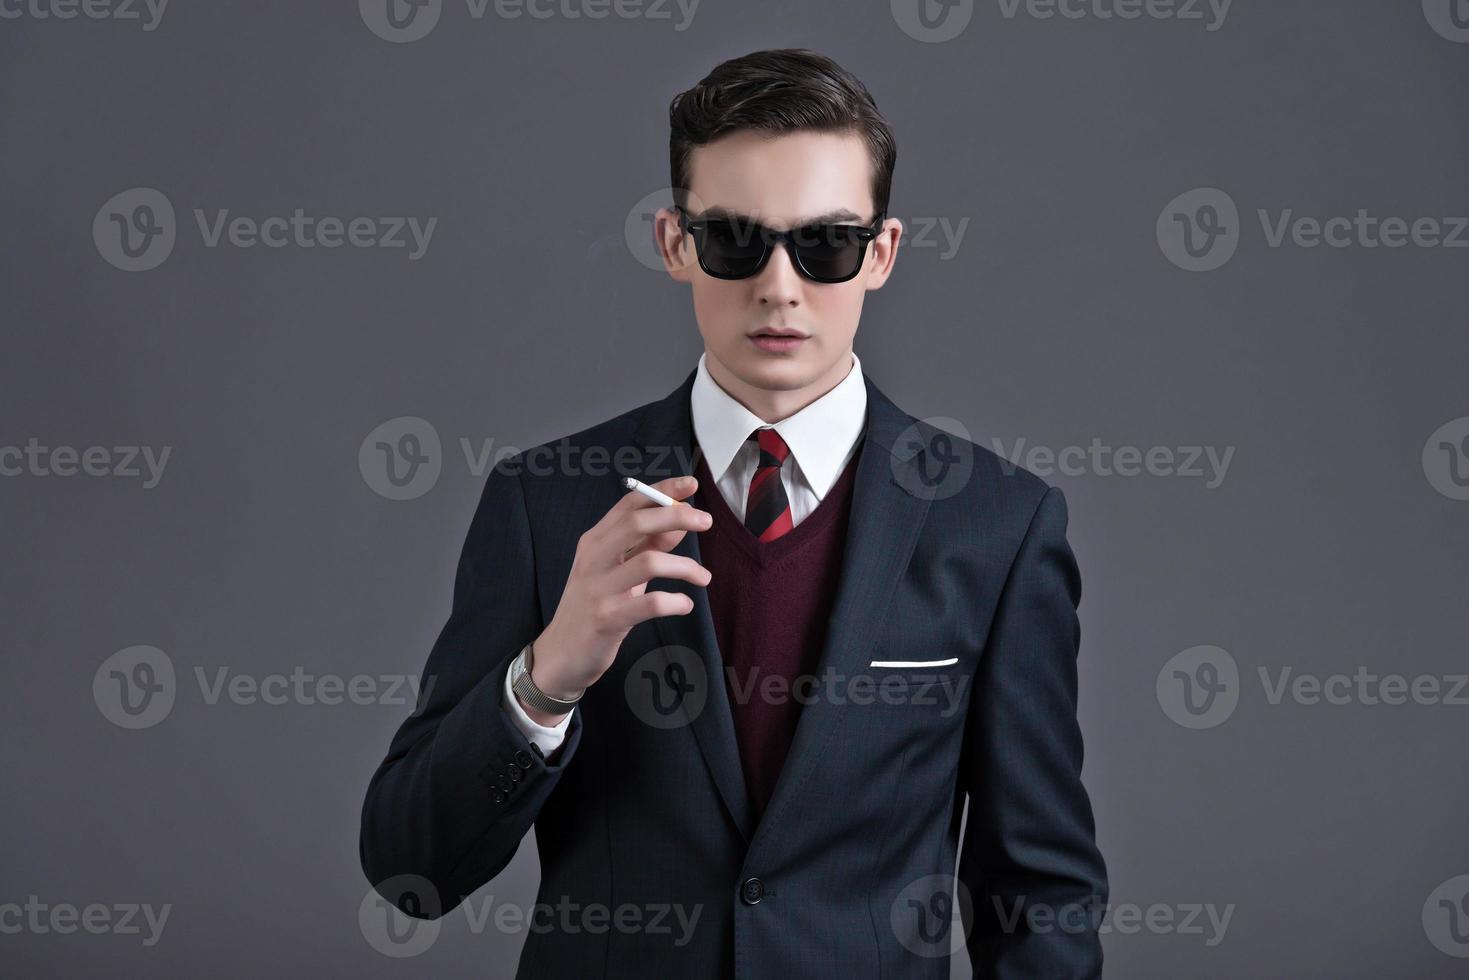 jeune homme d'affaires de mode rétro des années 50 avec des lunettes de soleil noires. photo